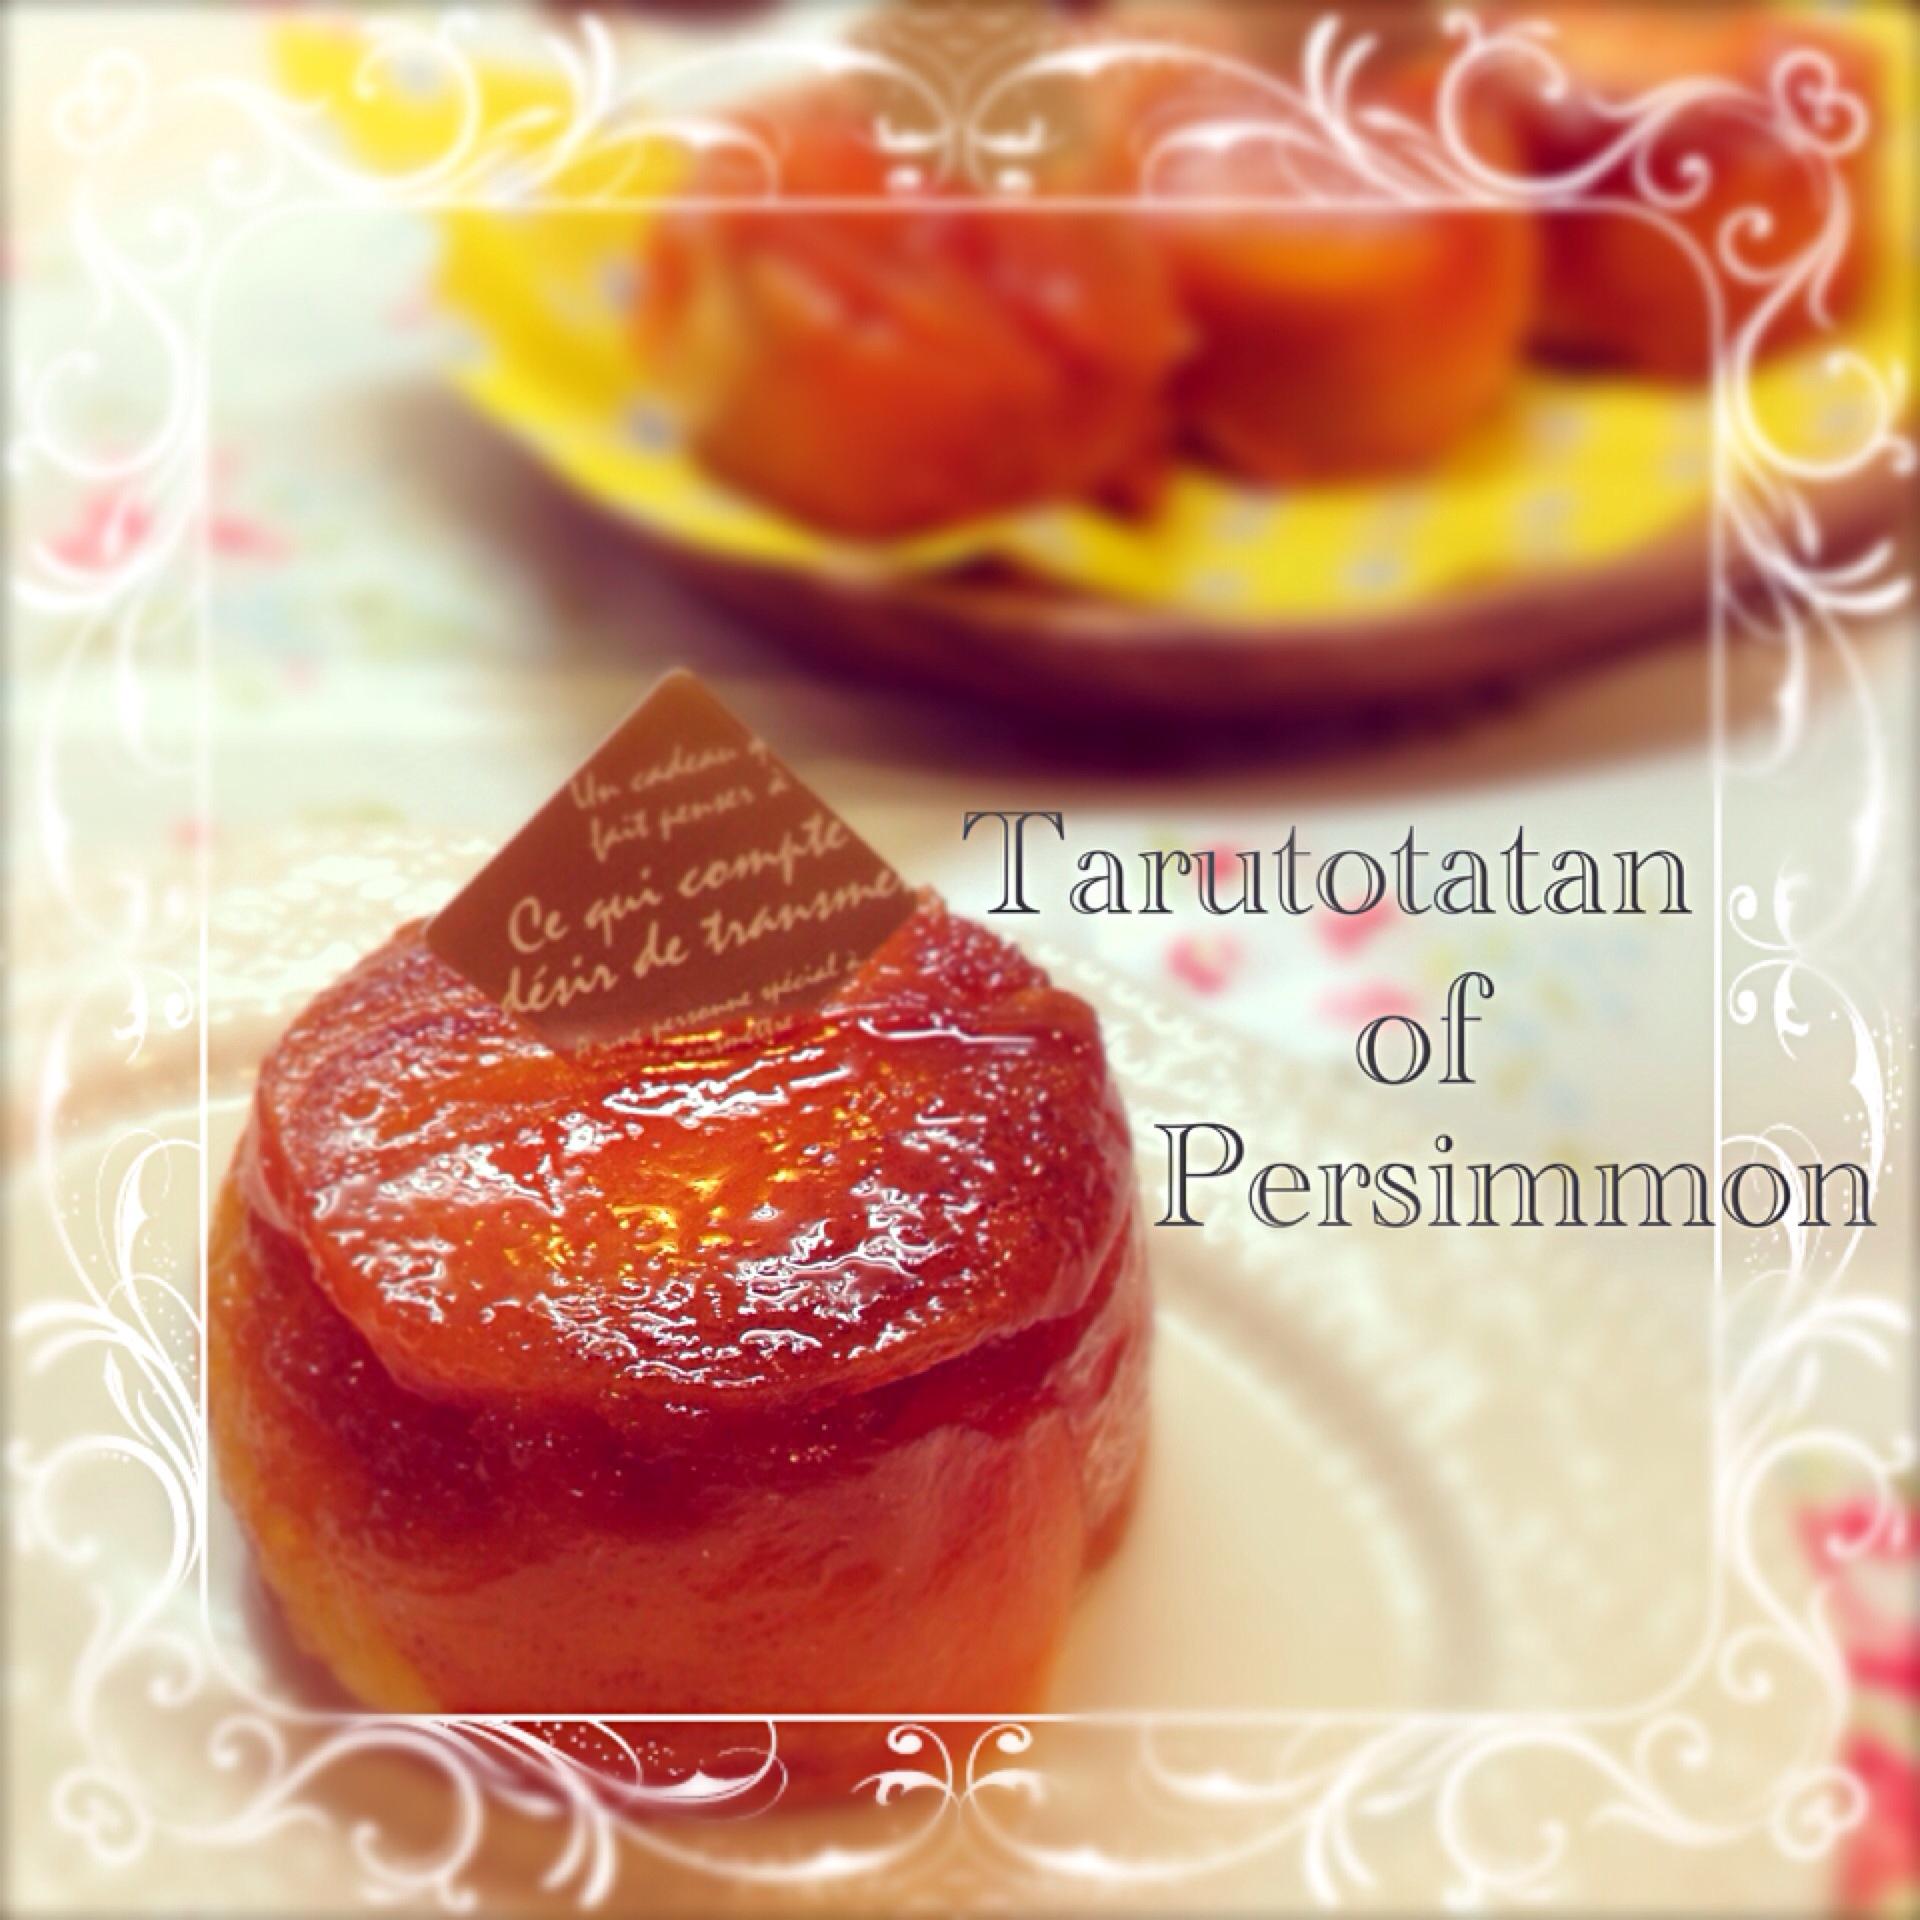 レシピ タルトタタン